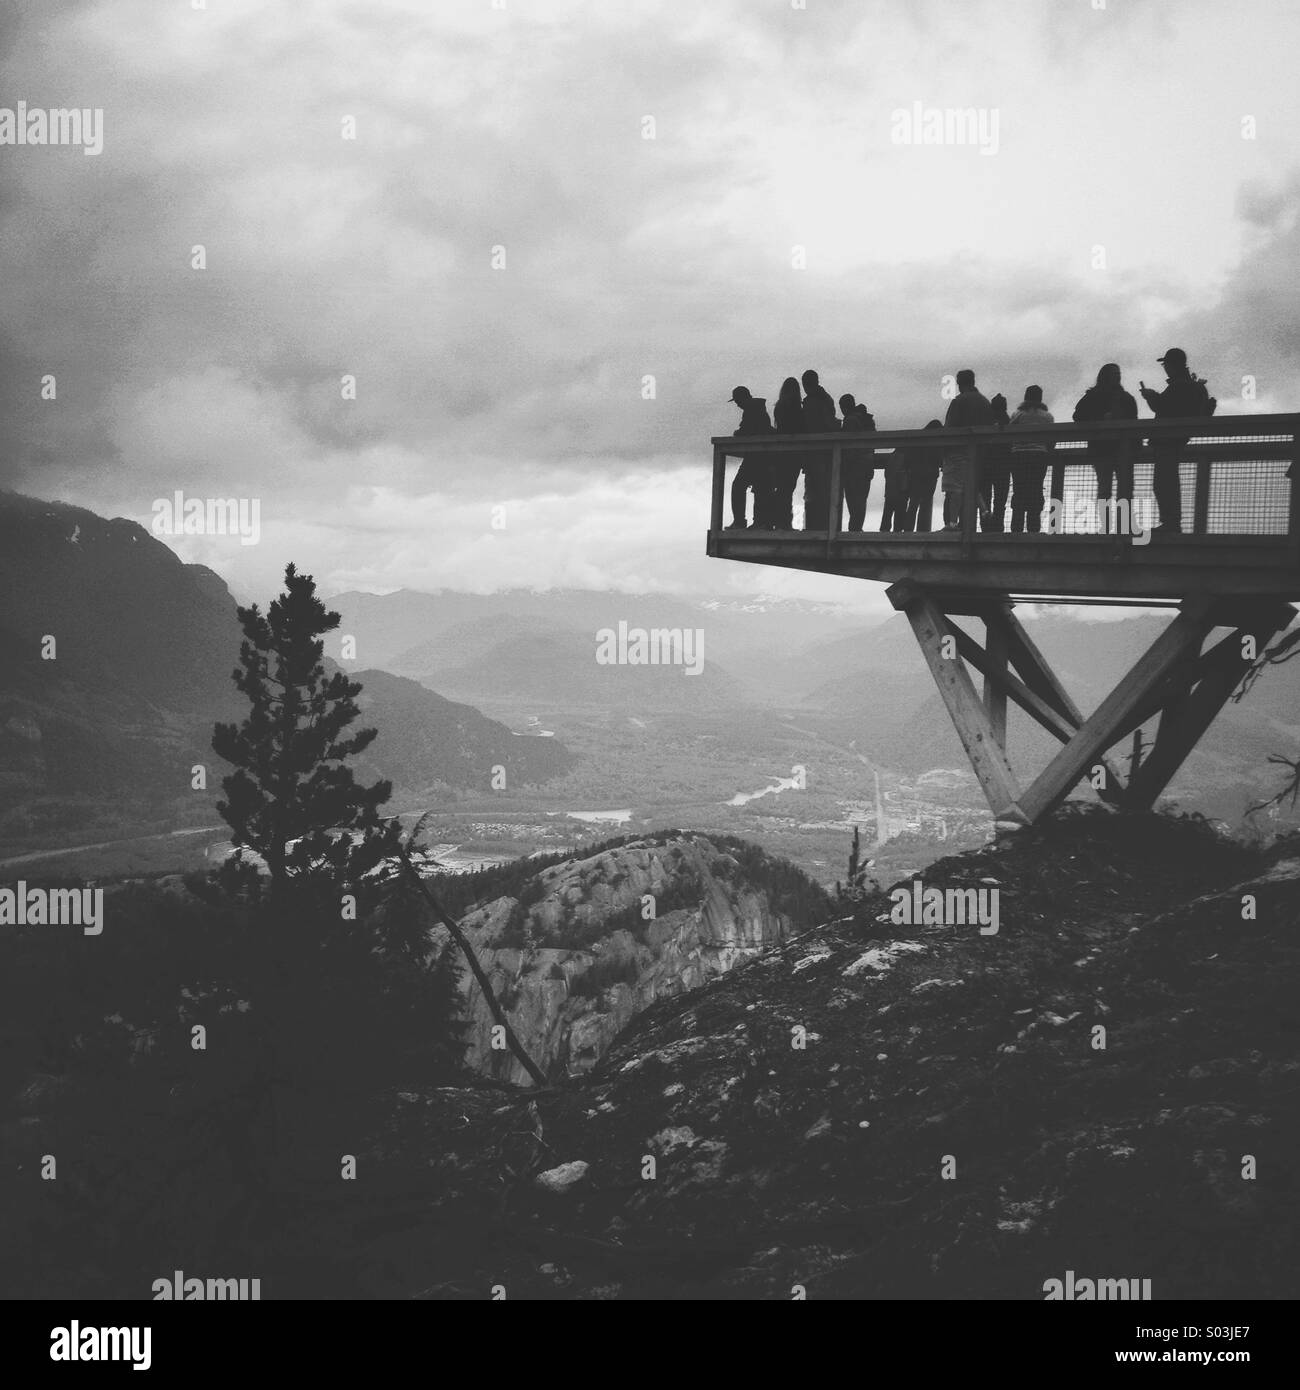 Les touristes à la recherche sur les montagnes côtières à Squamish, en Colombie-Britannique Photo Stock